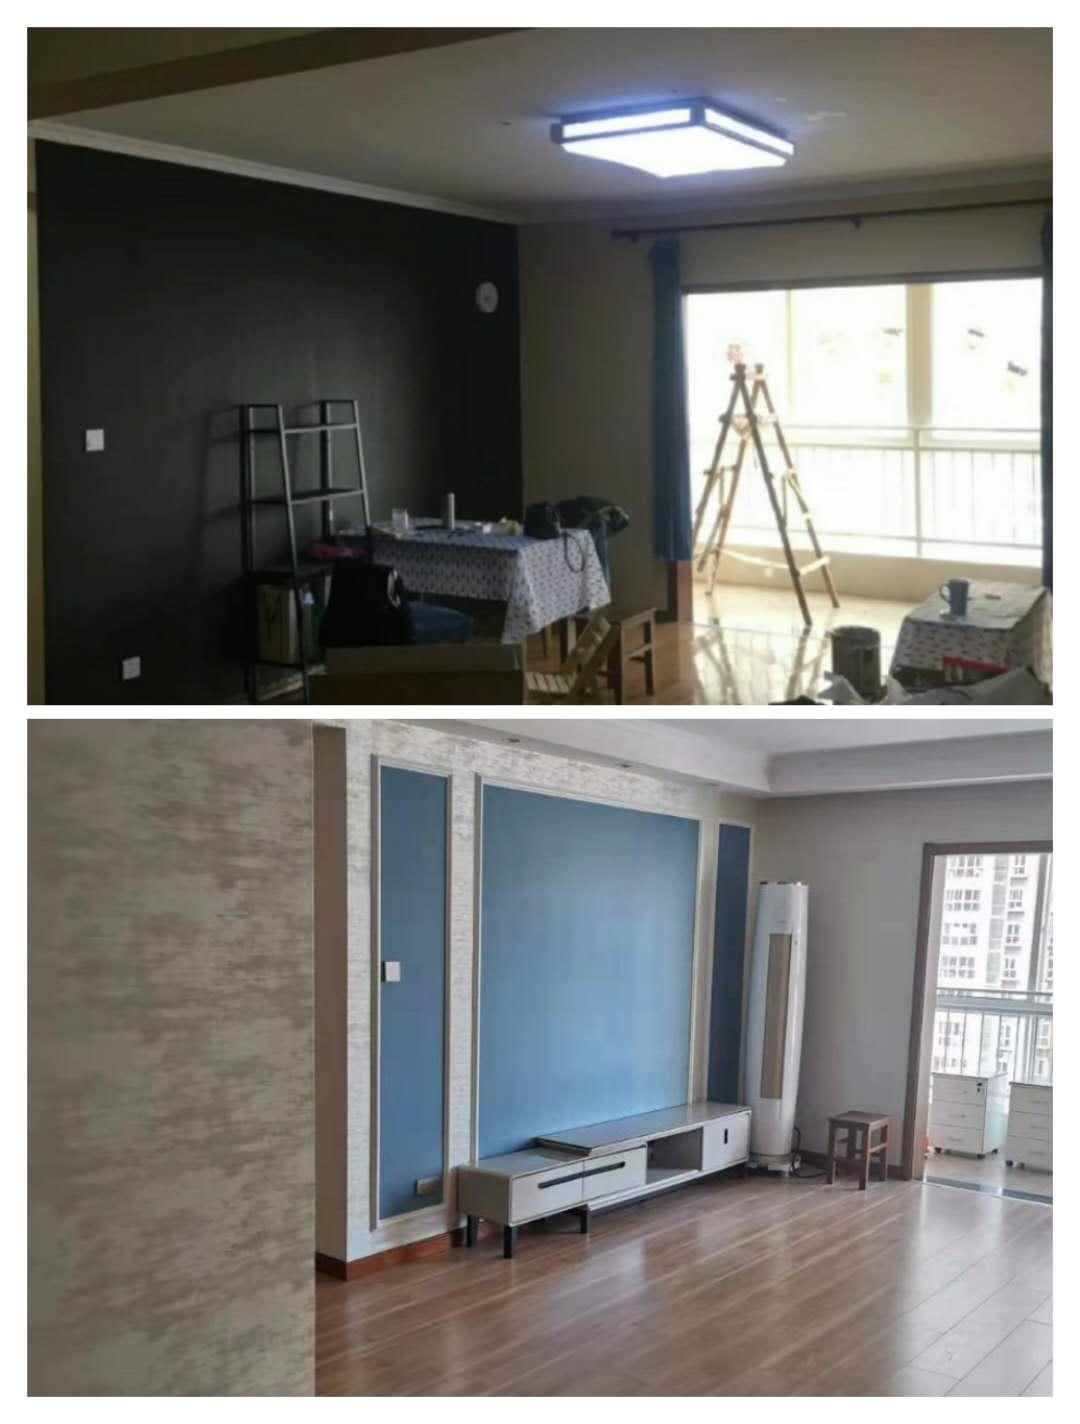 旧房改装翻新工程对比照